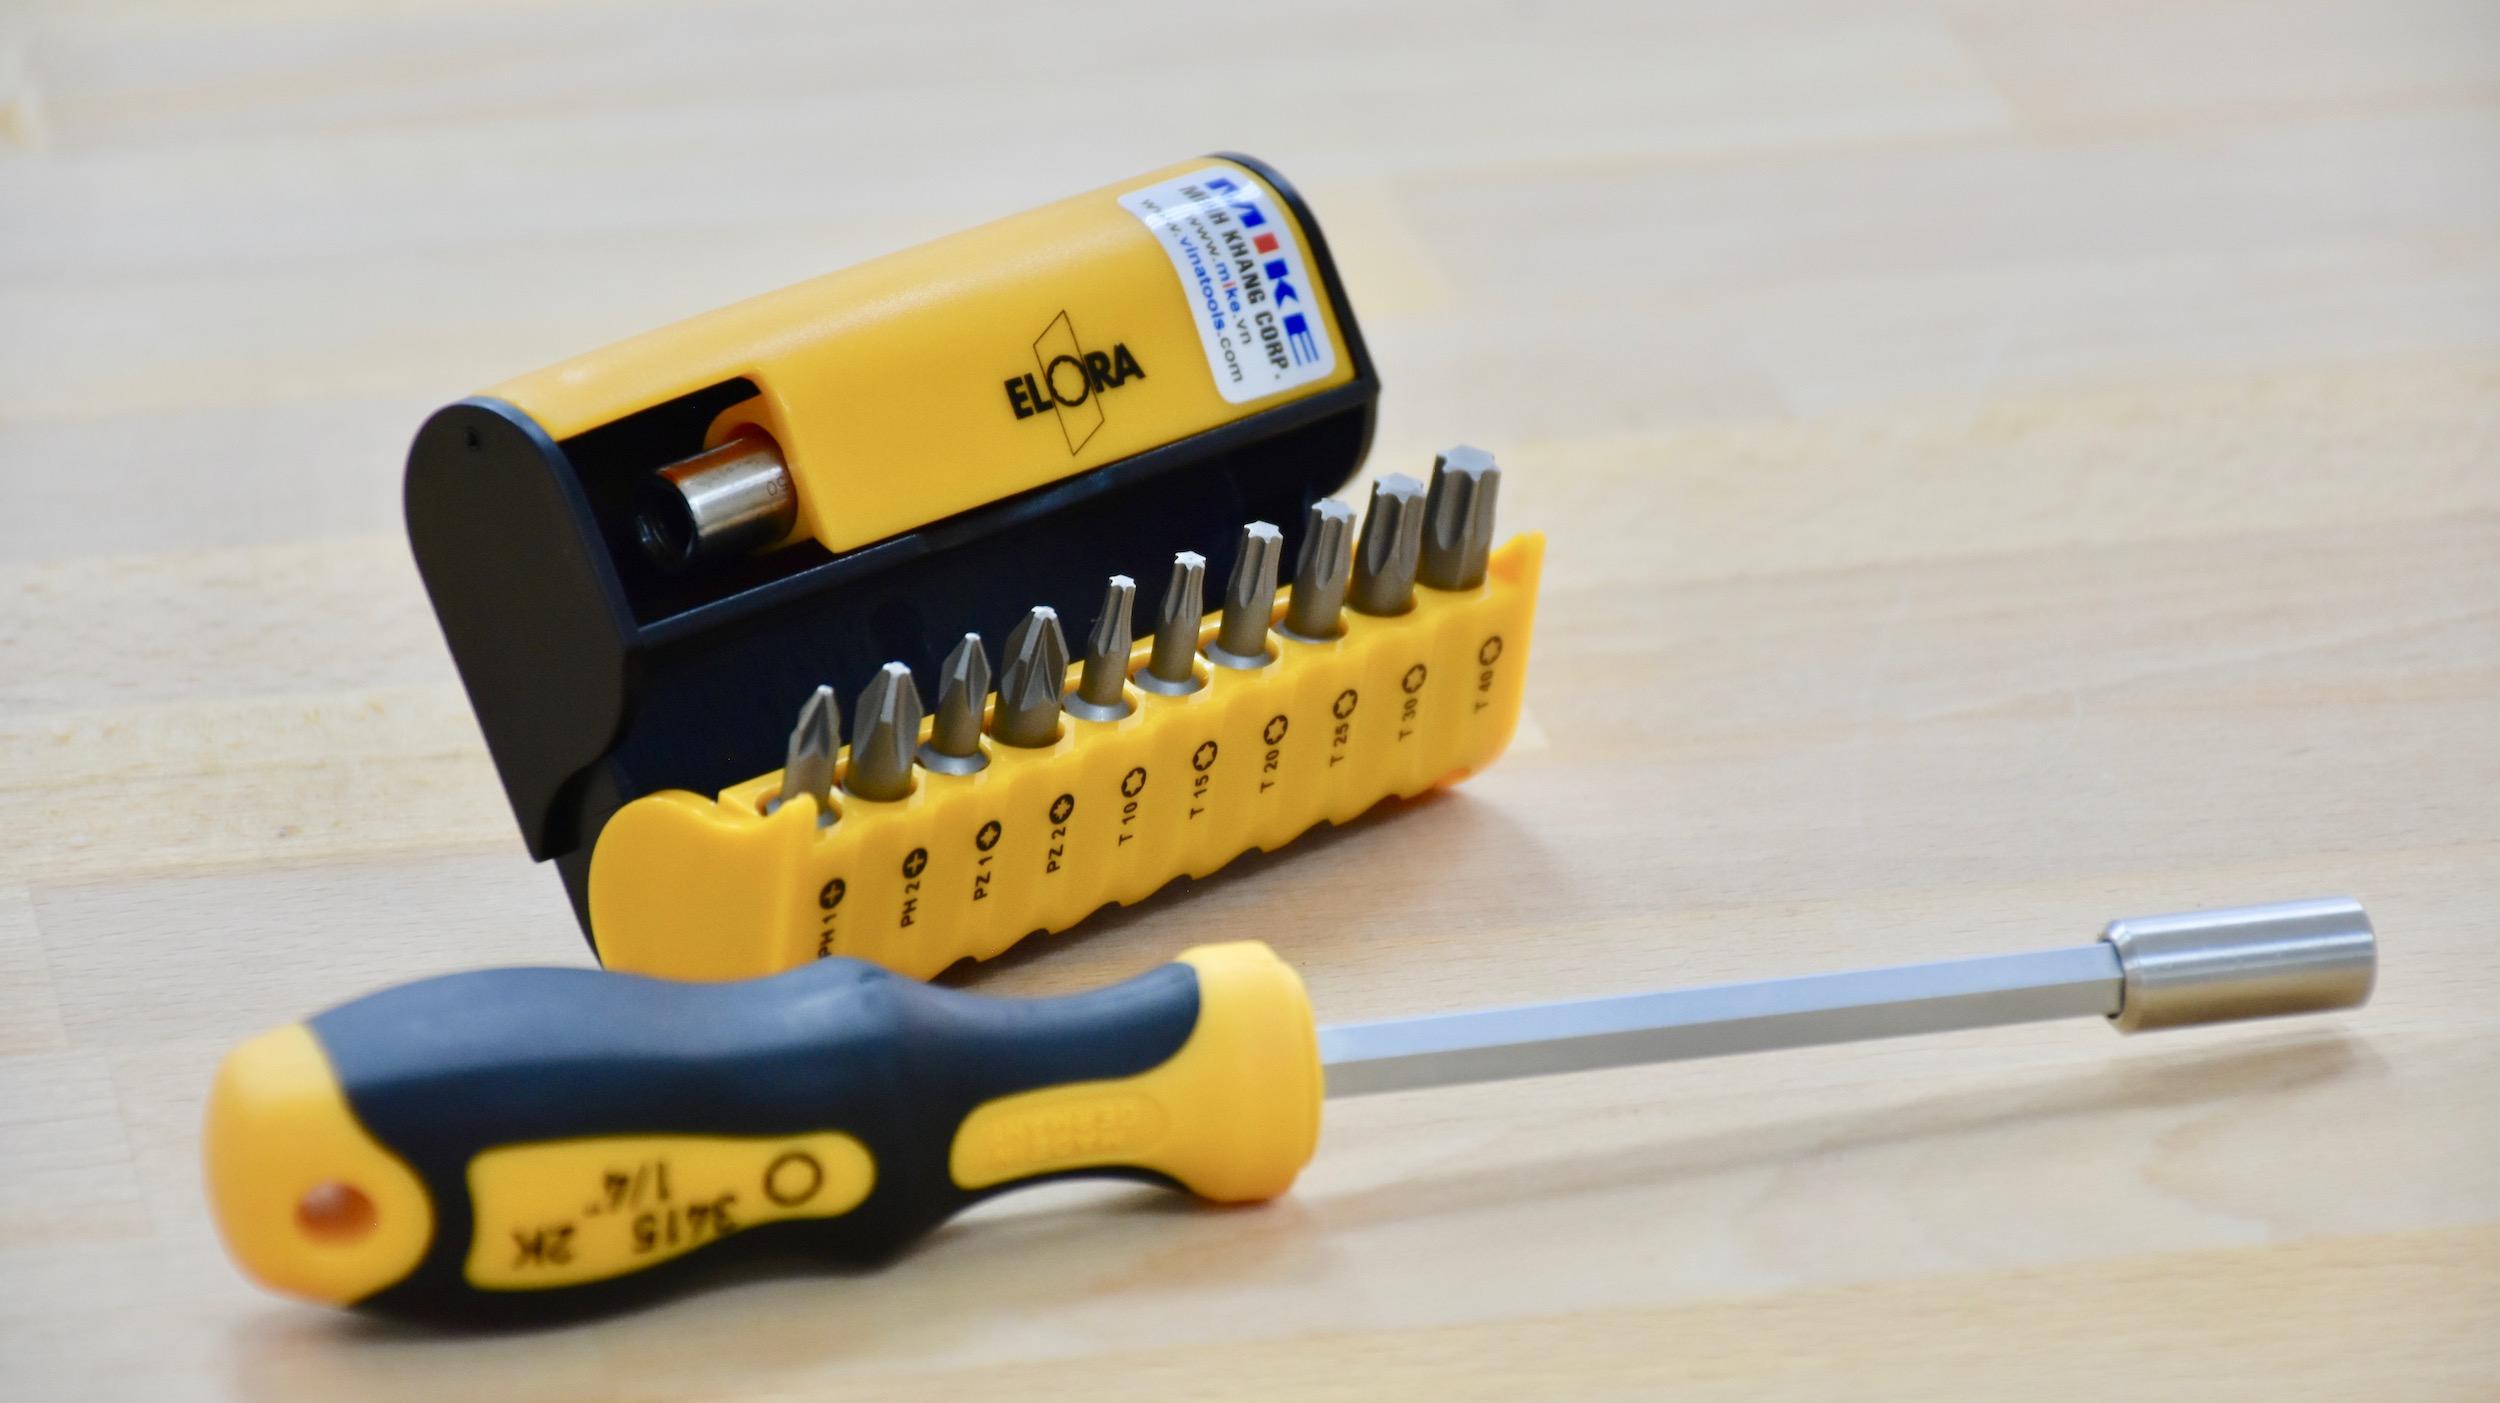 kèm theo 1 đầu nối dài có từ tính cho bộ 3453-S11